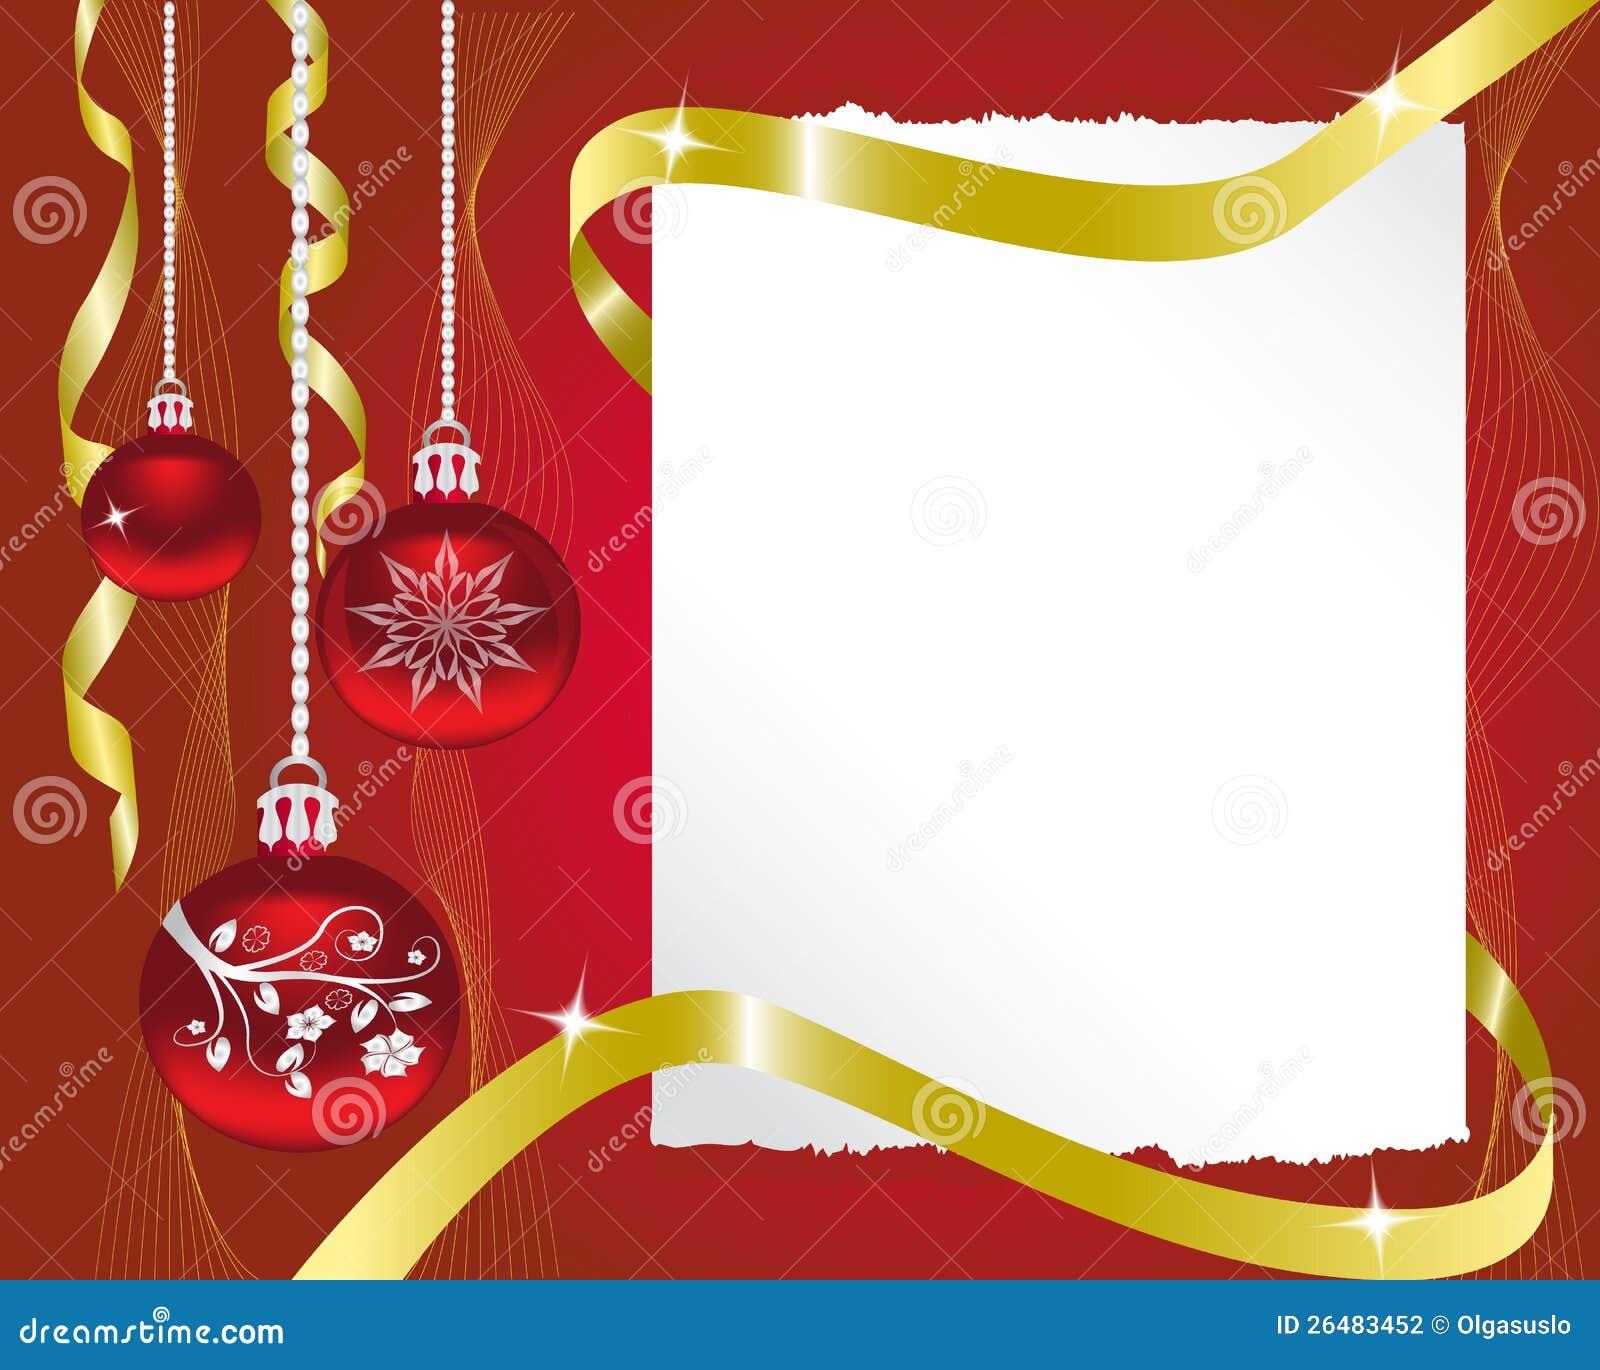 Foglio di carta e le decorazioni di natale illustrazione - Decorazioni natale di carta ...